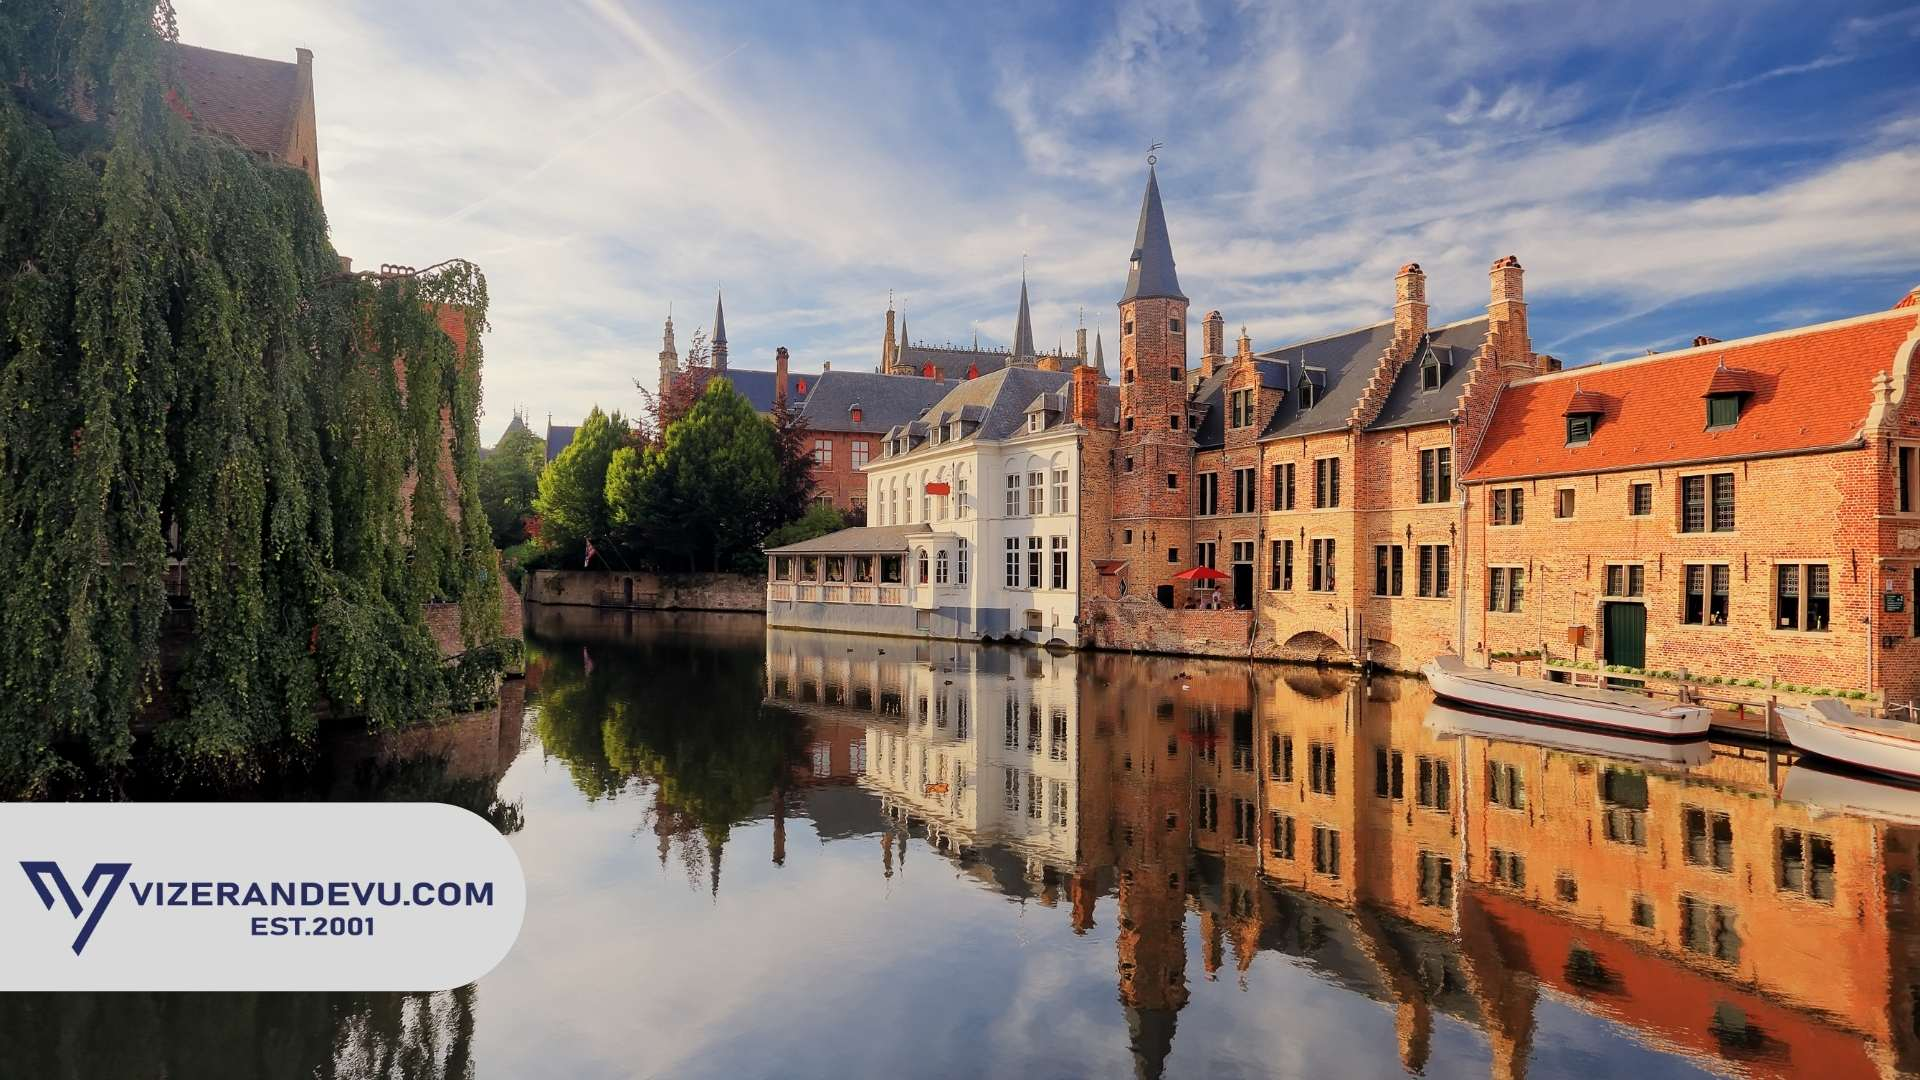 Belçika Vizesi Almak Ne Kadar Sürüyor